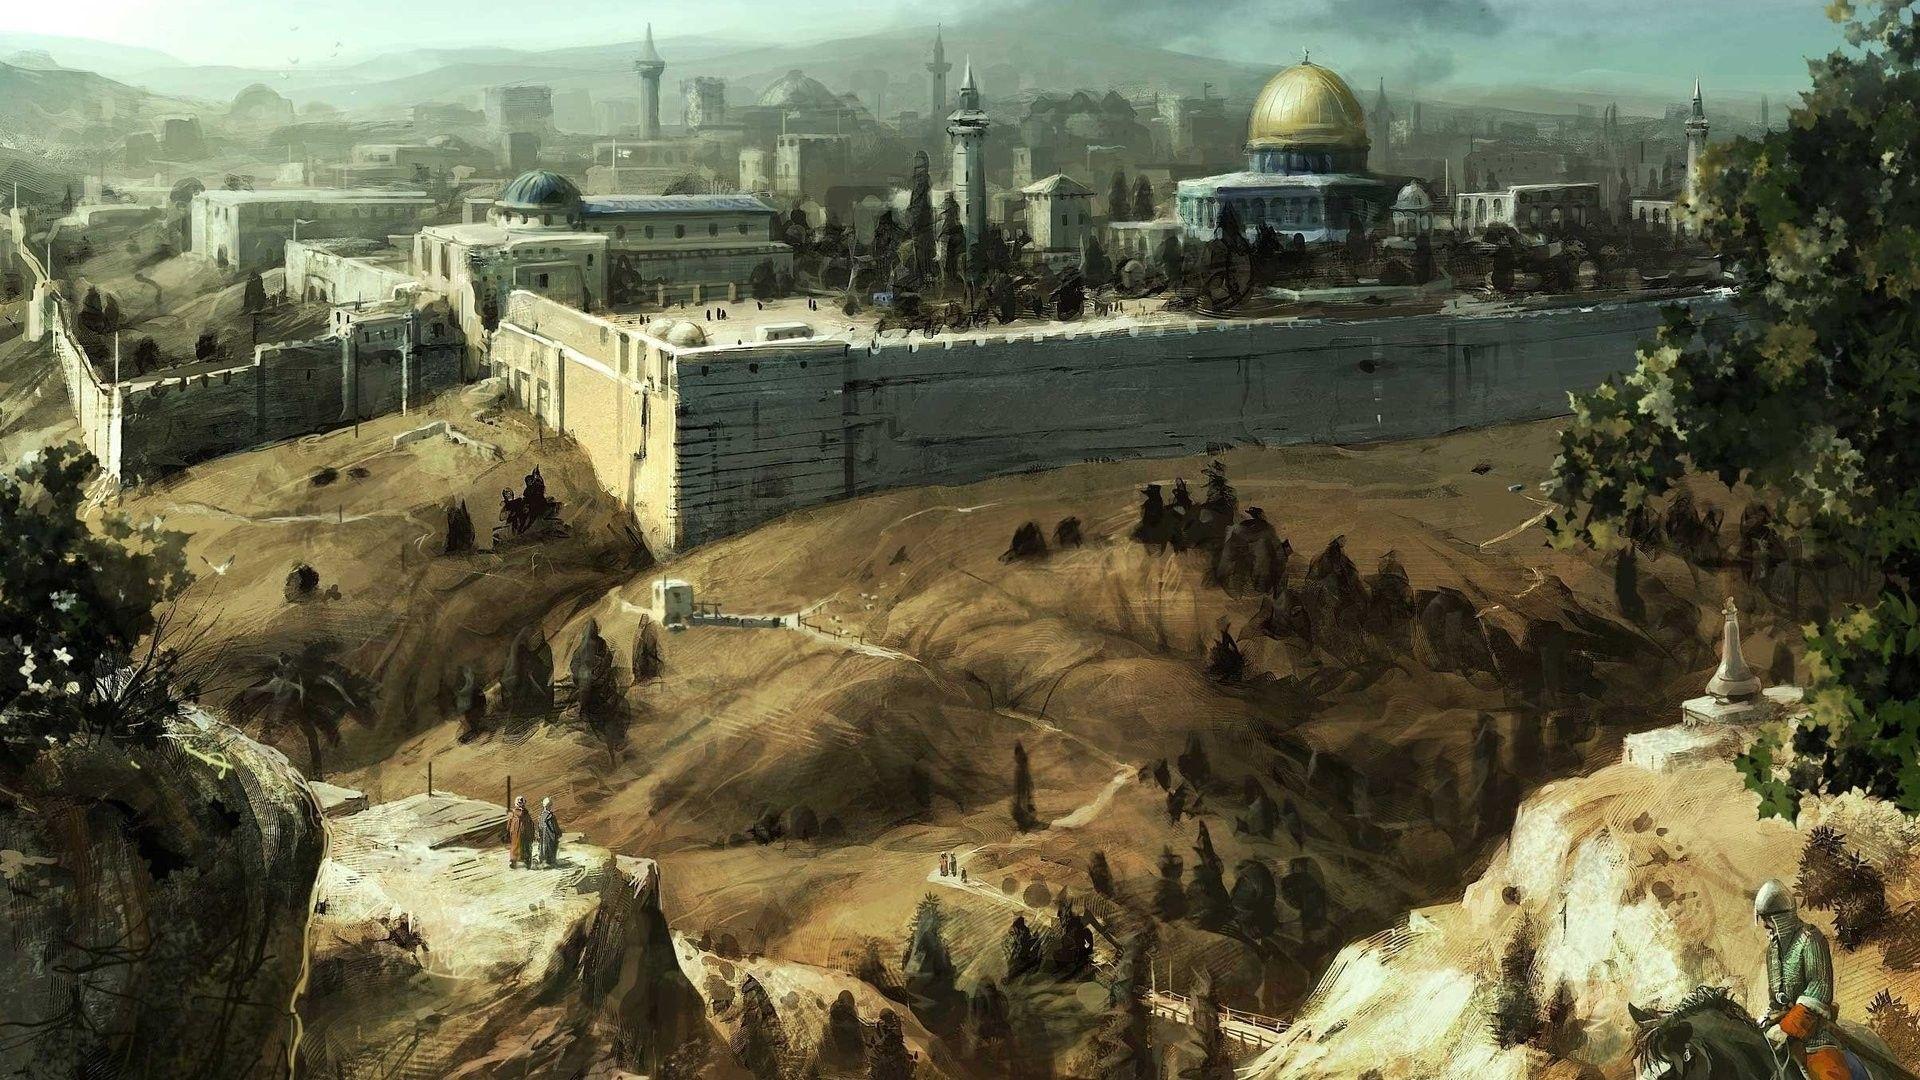 Jerusalem wallpapers wallpaper cave - Jaar wallpapers ...